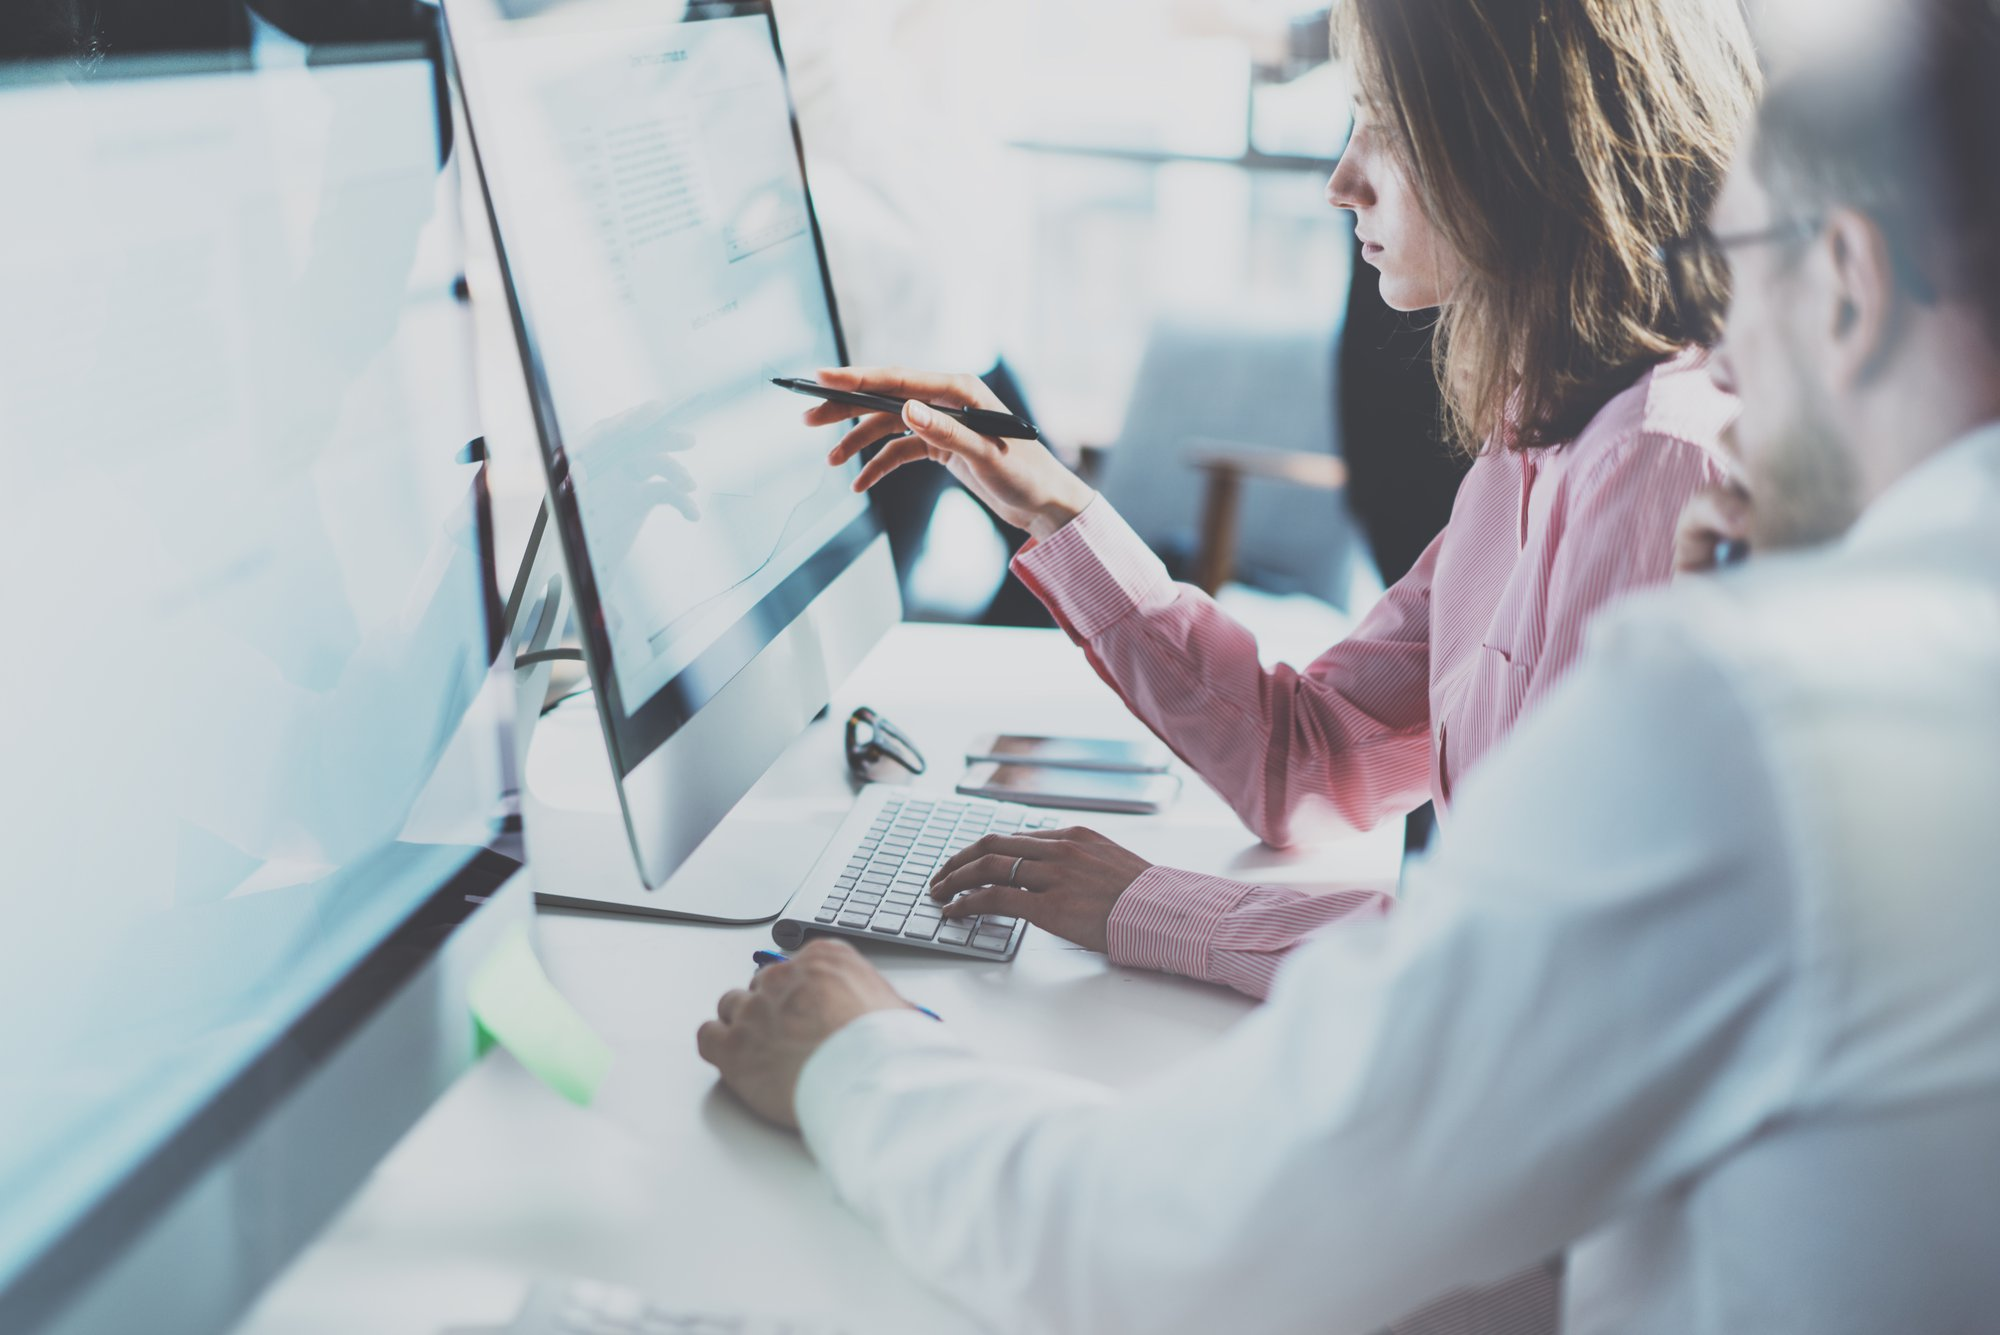 Les 6 rôles d'un analyste dans un environnement agile